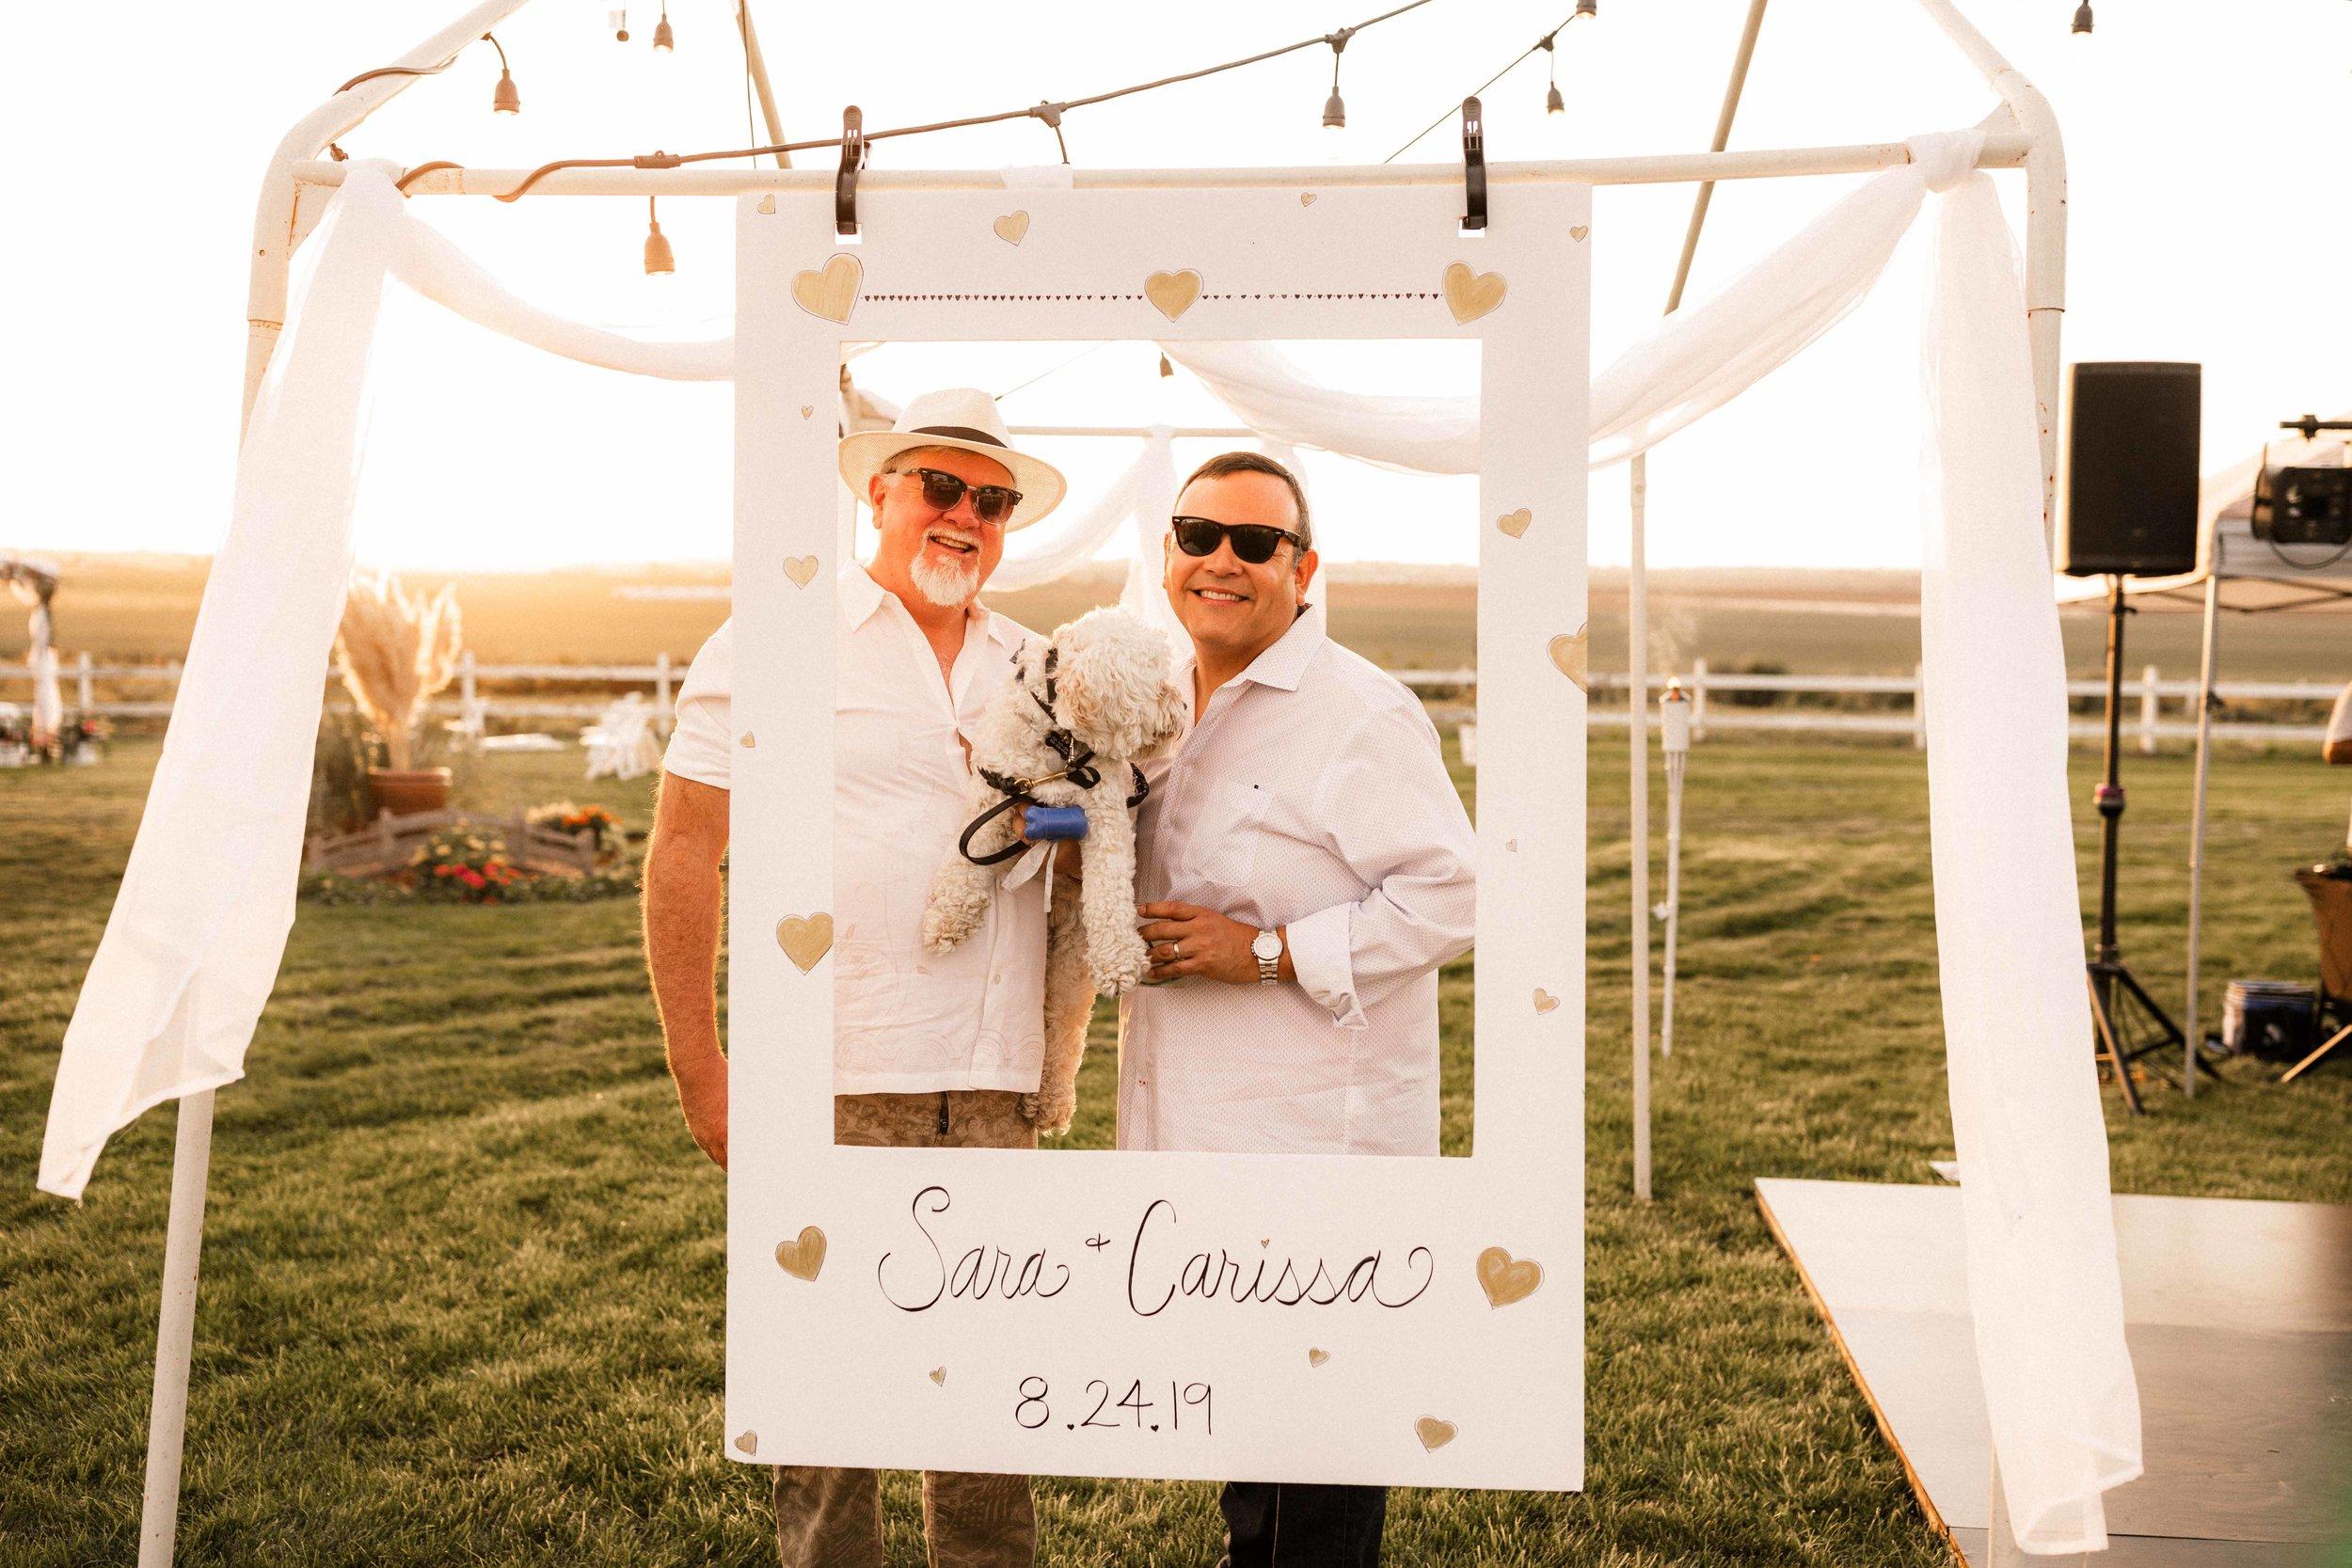 pasco-wedding-photos-43.jpg